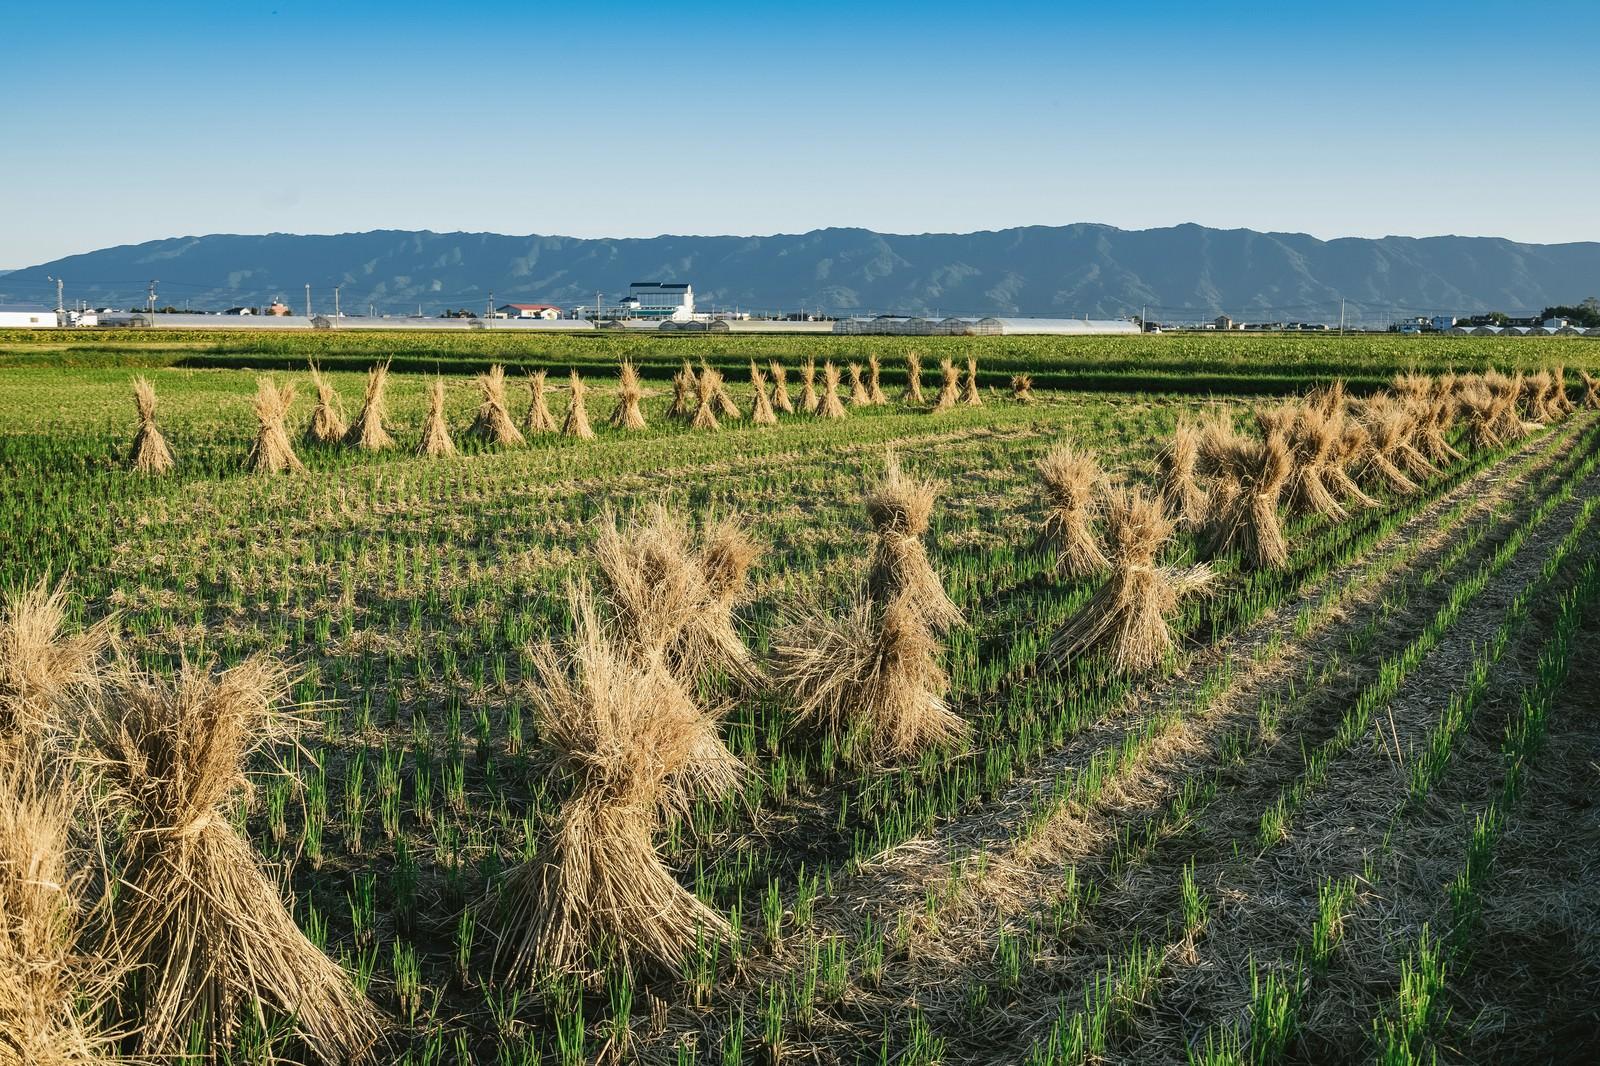 「刈り終えた畑刈り終えた畑」のフリー写真素材を拡大